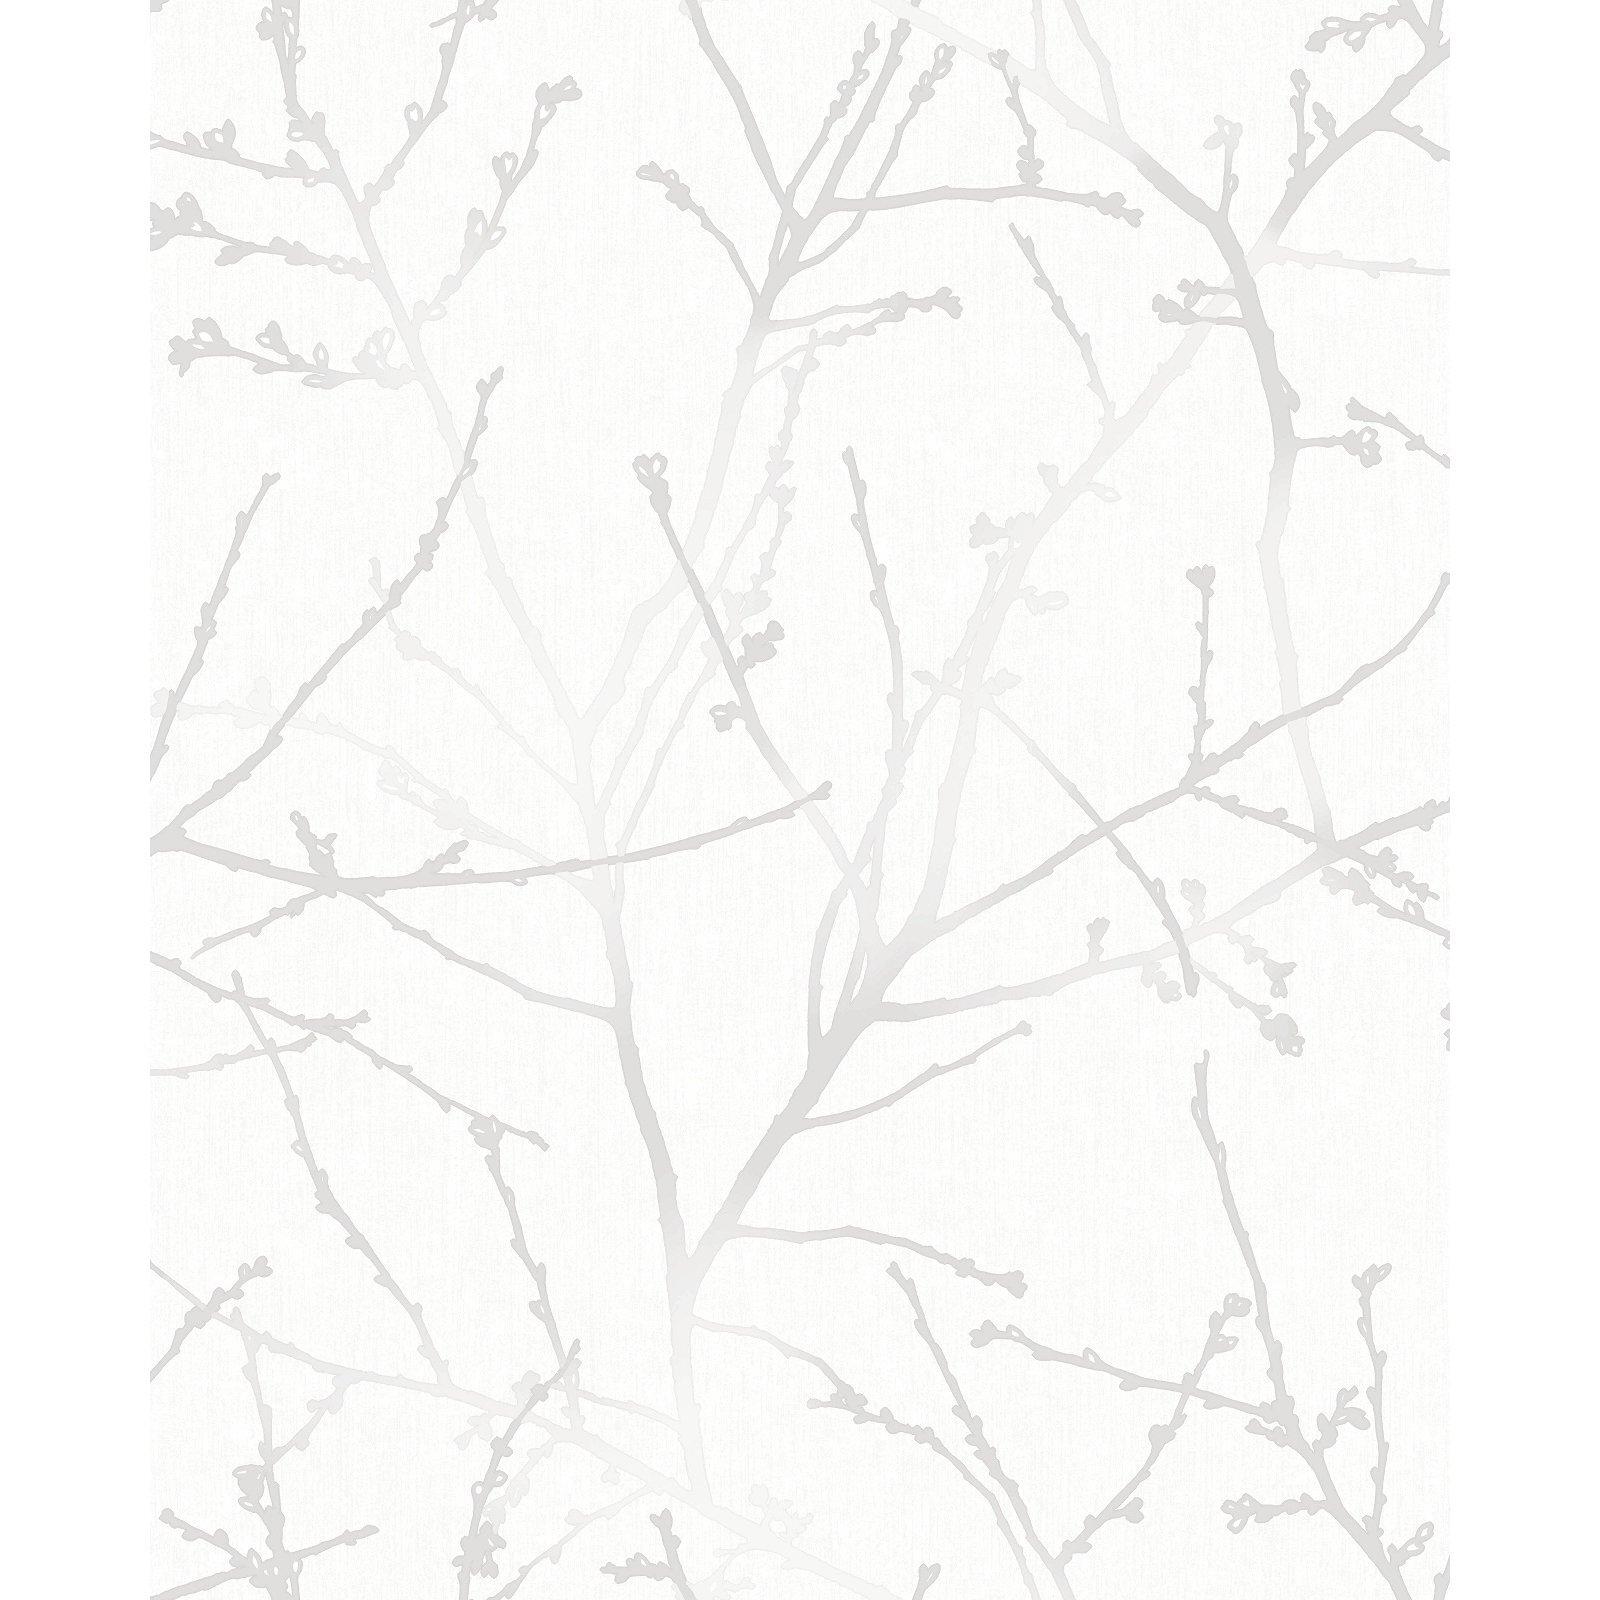 Superfresco Easy 52cm White / Mica Innocence Wallpaper - White / Mica Innocence ½m